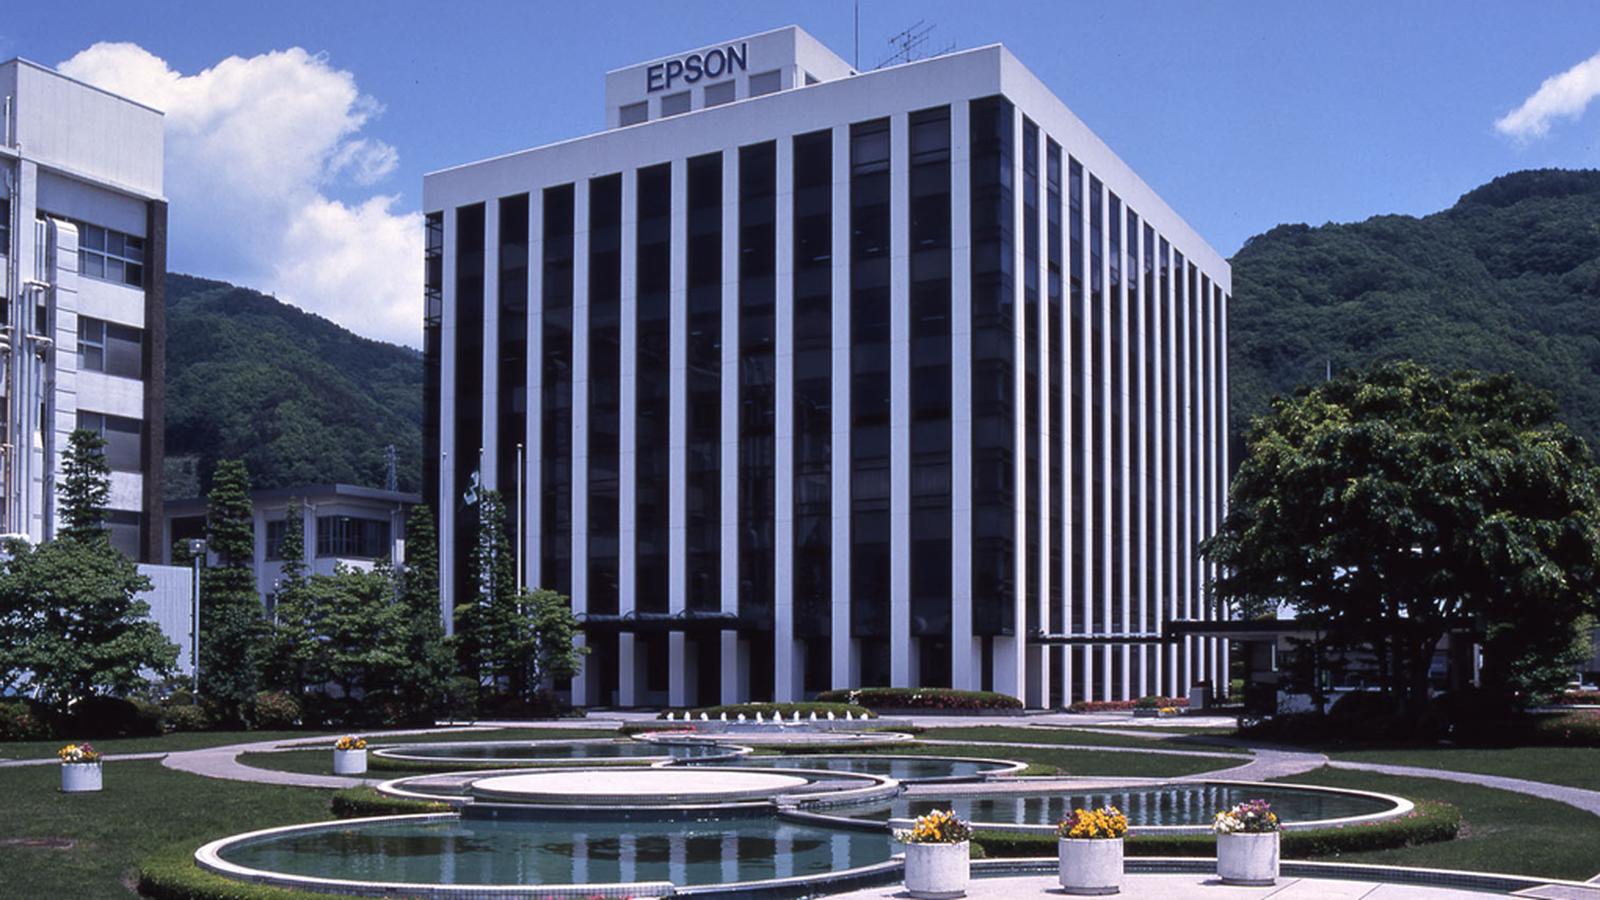 Epson povećava eksternu prodaju inkdžet glava štampača sa dodatkom PrecisionCore linije proizvoda